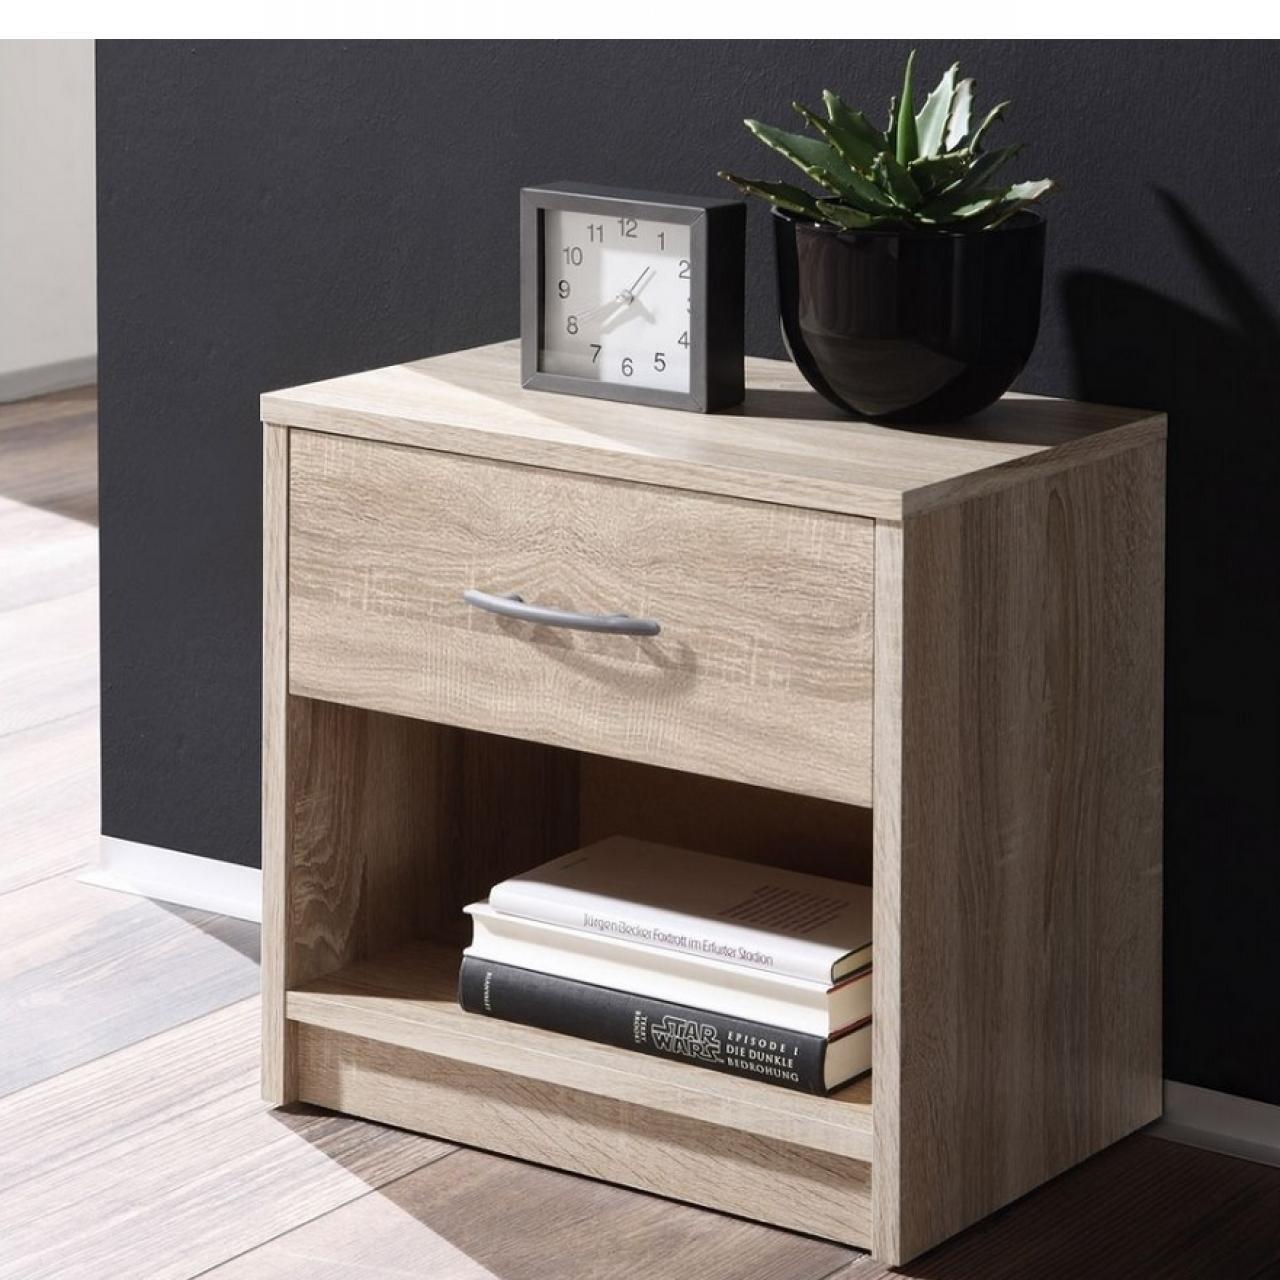 nachttisch pepe beim bel schlafen m bel j hnichen. Black Bedroom Furniture Sets. Home Design Ideas